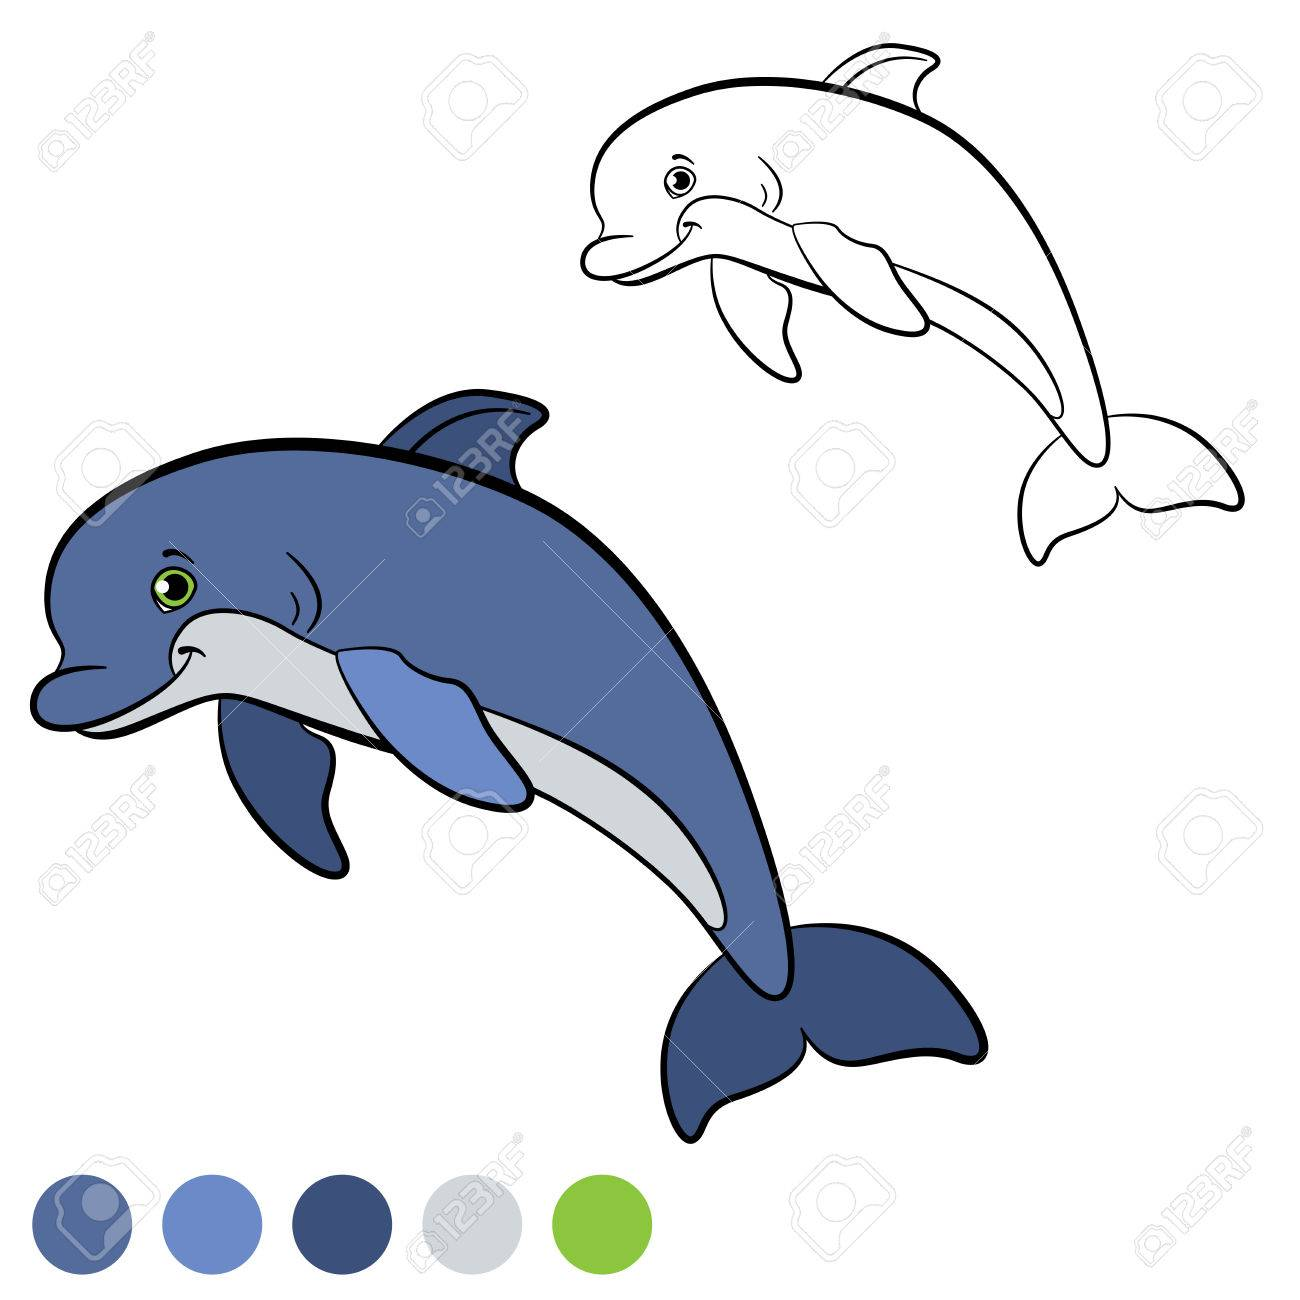 Malvorlage. Color Me: Delphin. Kleine Süße Delphin Springt Und ...